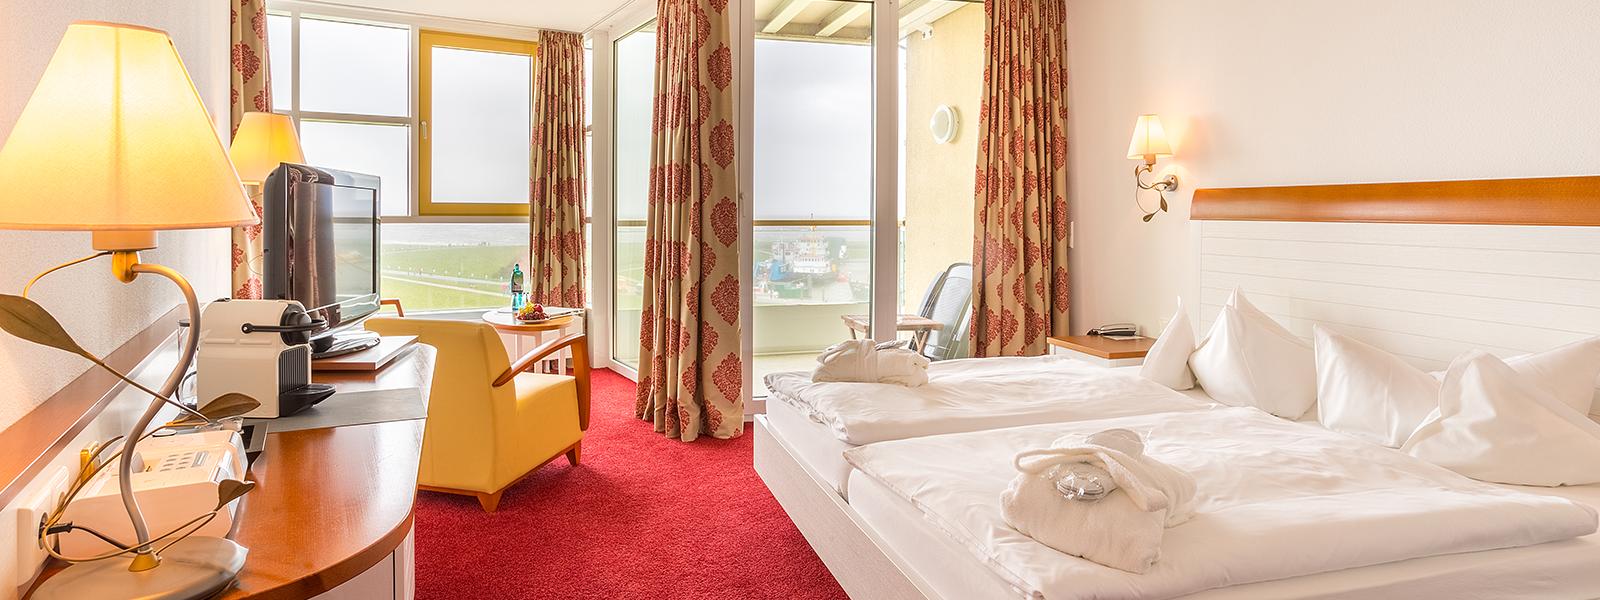 Blick ins Hotelzimmer im Westdeck mit Doppelbett und Sitzgelegenheit